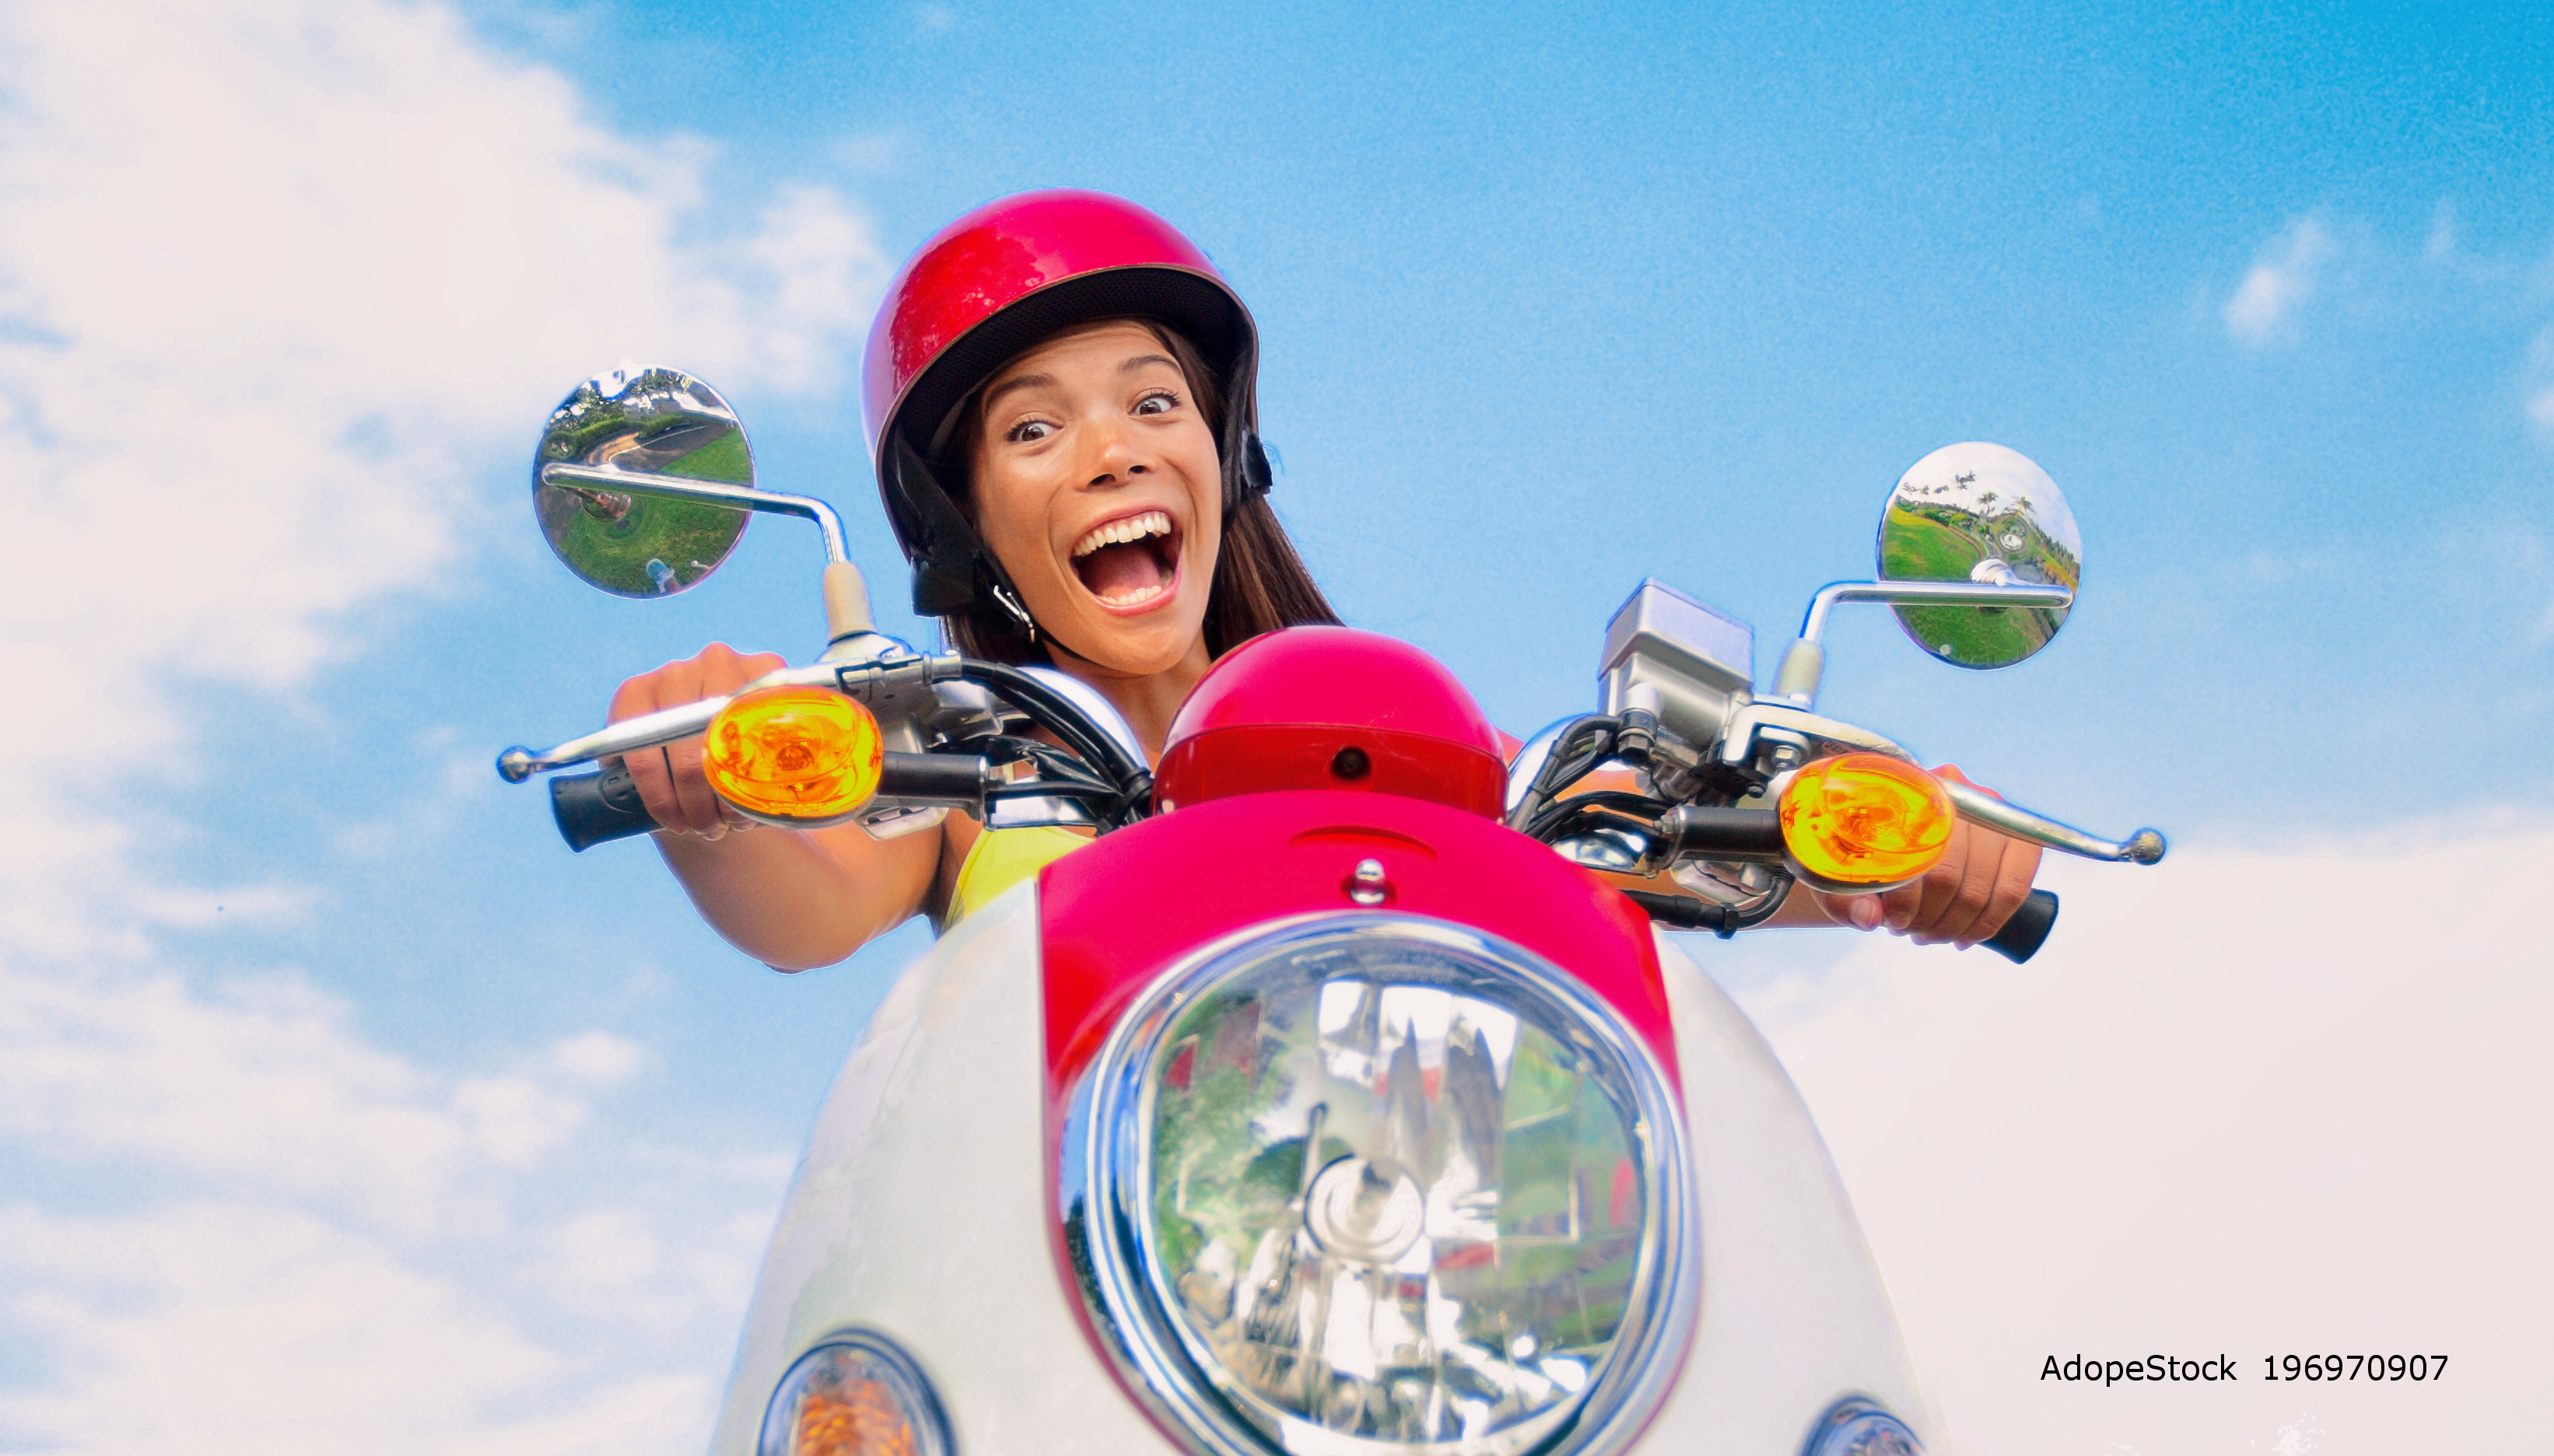 Mofaversicherung, Mopedversicherung, Mofakennzeichen, Köln, online bestellen